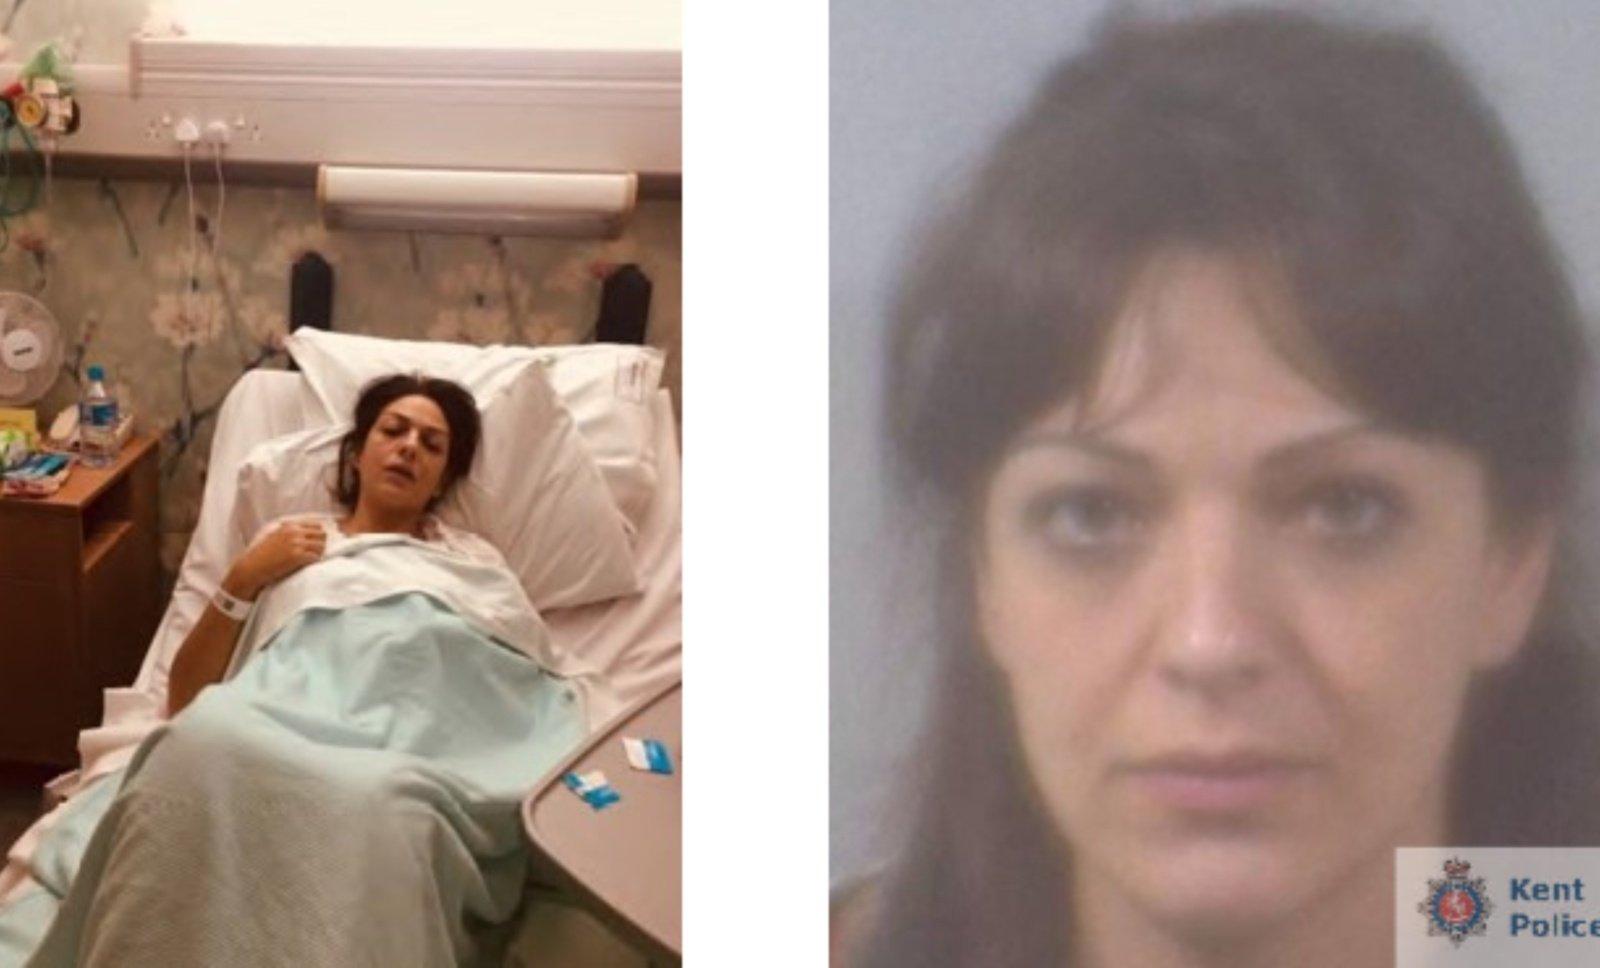 Moteris aukas rinko apsimetusi, kad serga mirtina liga